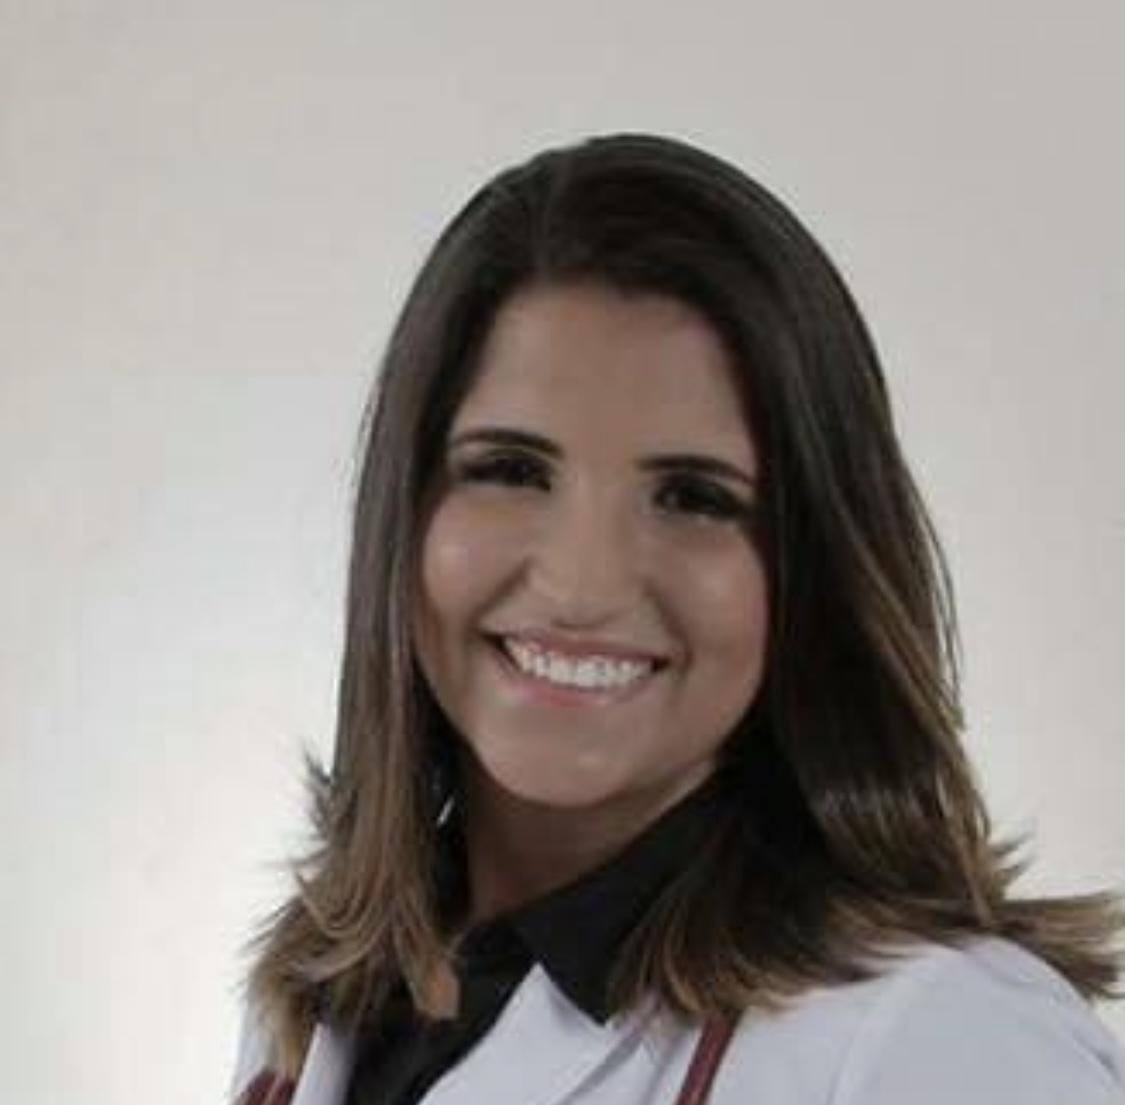 Anna Carolina Marques